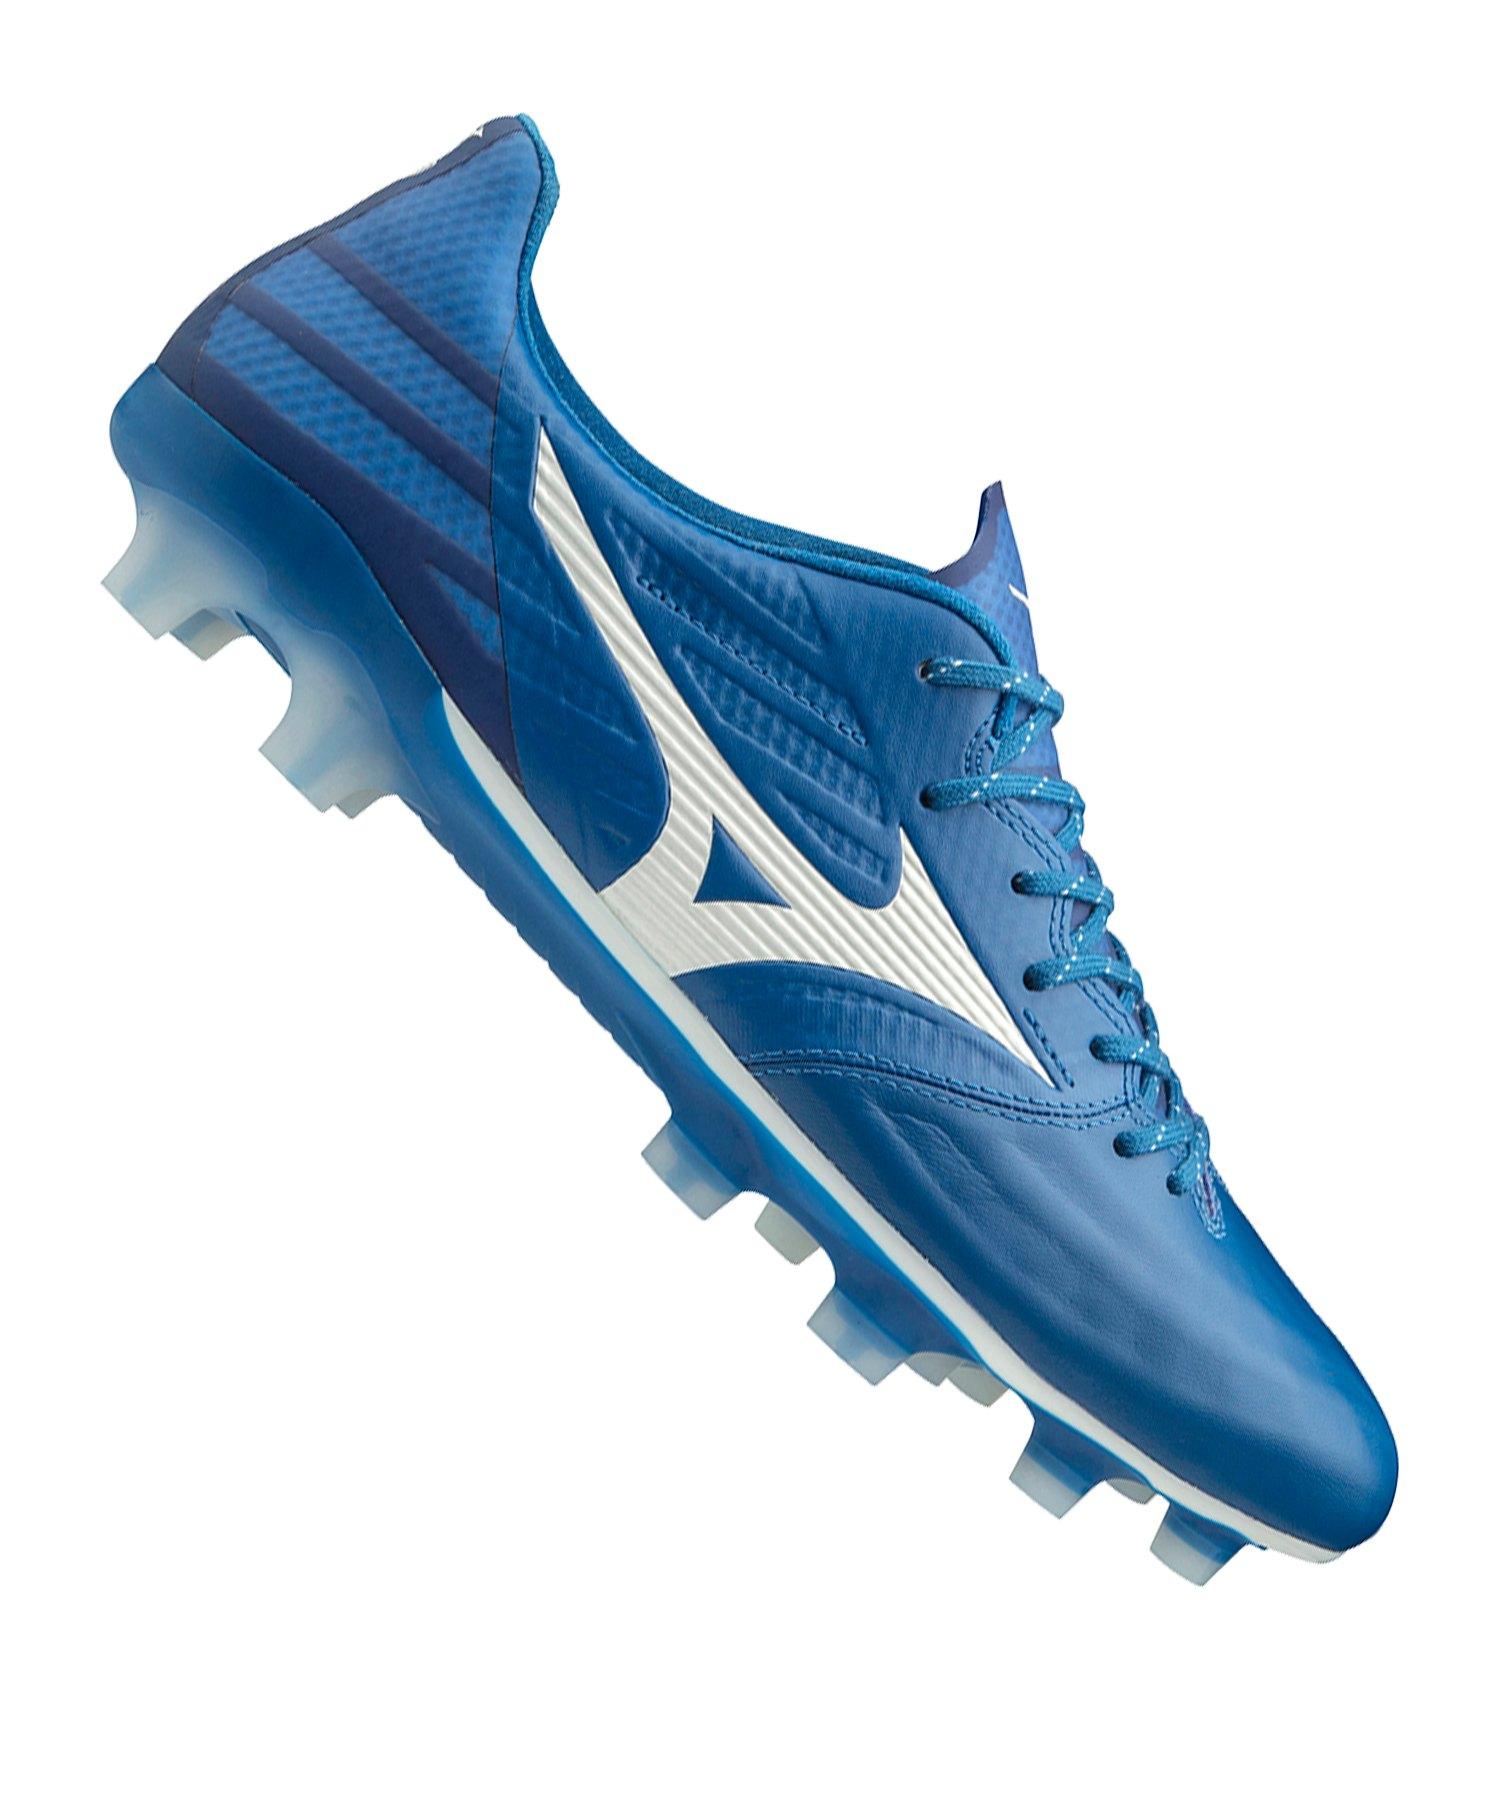 Mizuno Rebula 3 Elite FG Blau Weiss F01 - blau